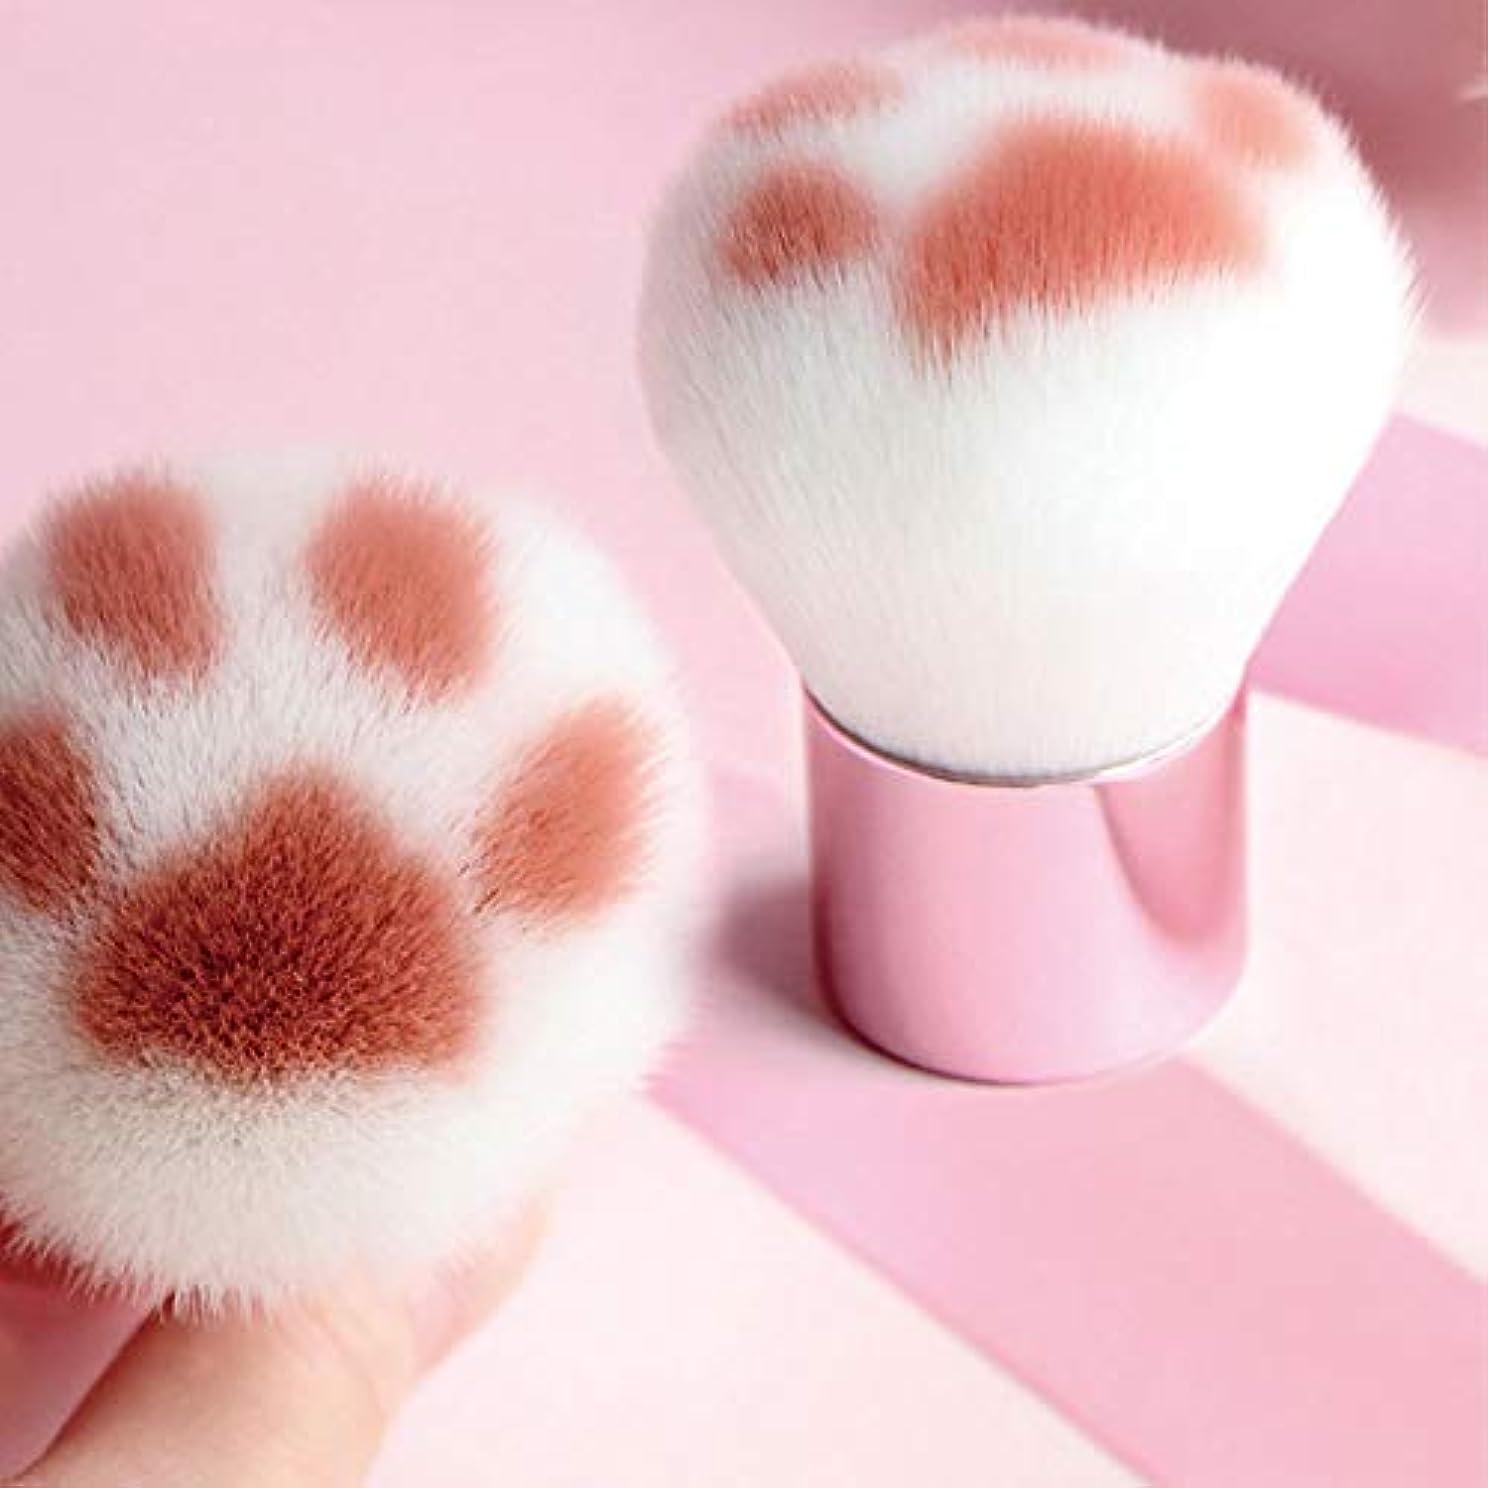 コーラス彫刻好きである化粧ブラシ、ファンデーションブラシ、猫の爪形化粧ブラシ、カワイイファンデーションブラシ、バーチハンドルレーヨン化粧ブラシ美容化粧ツール (Black)